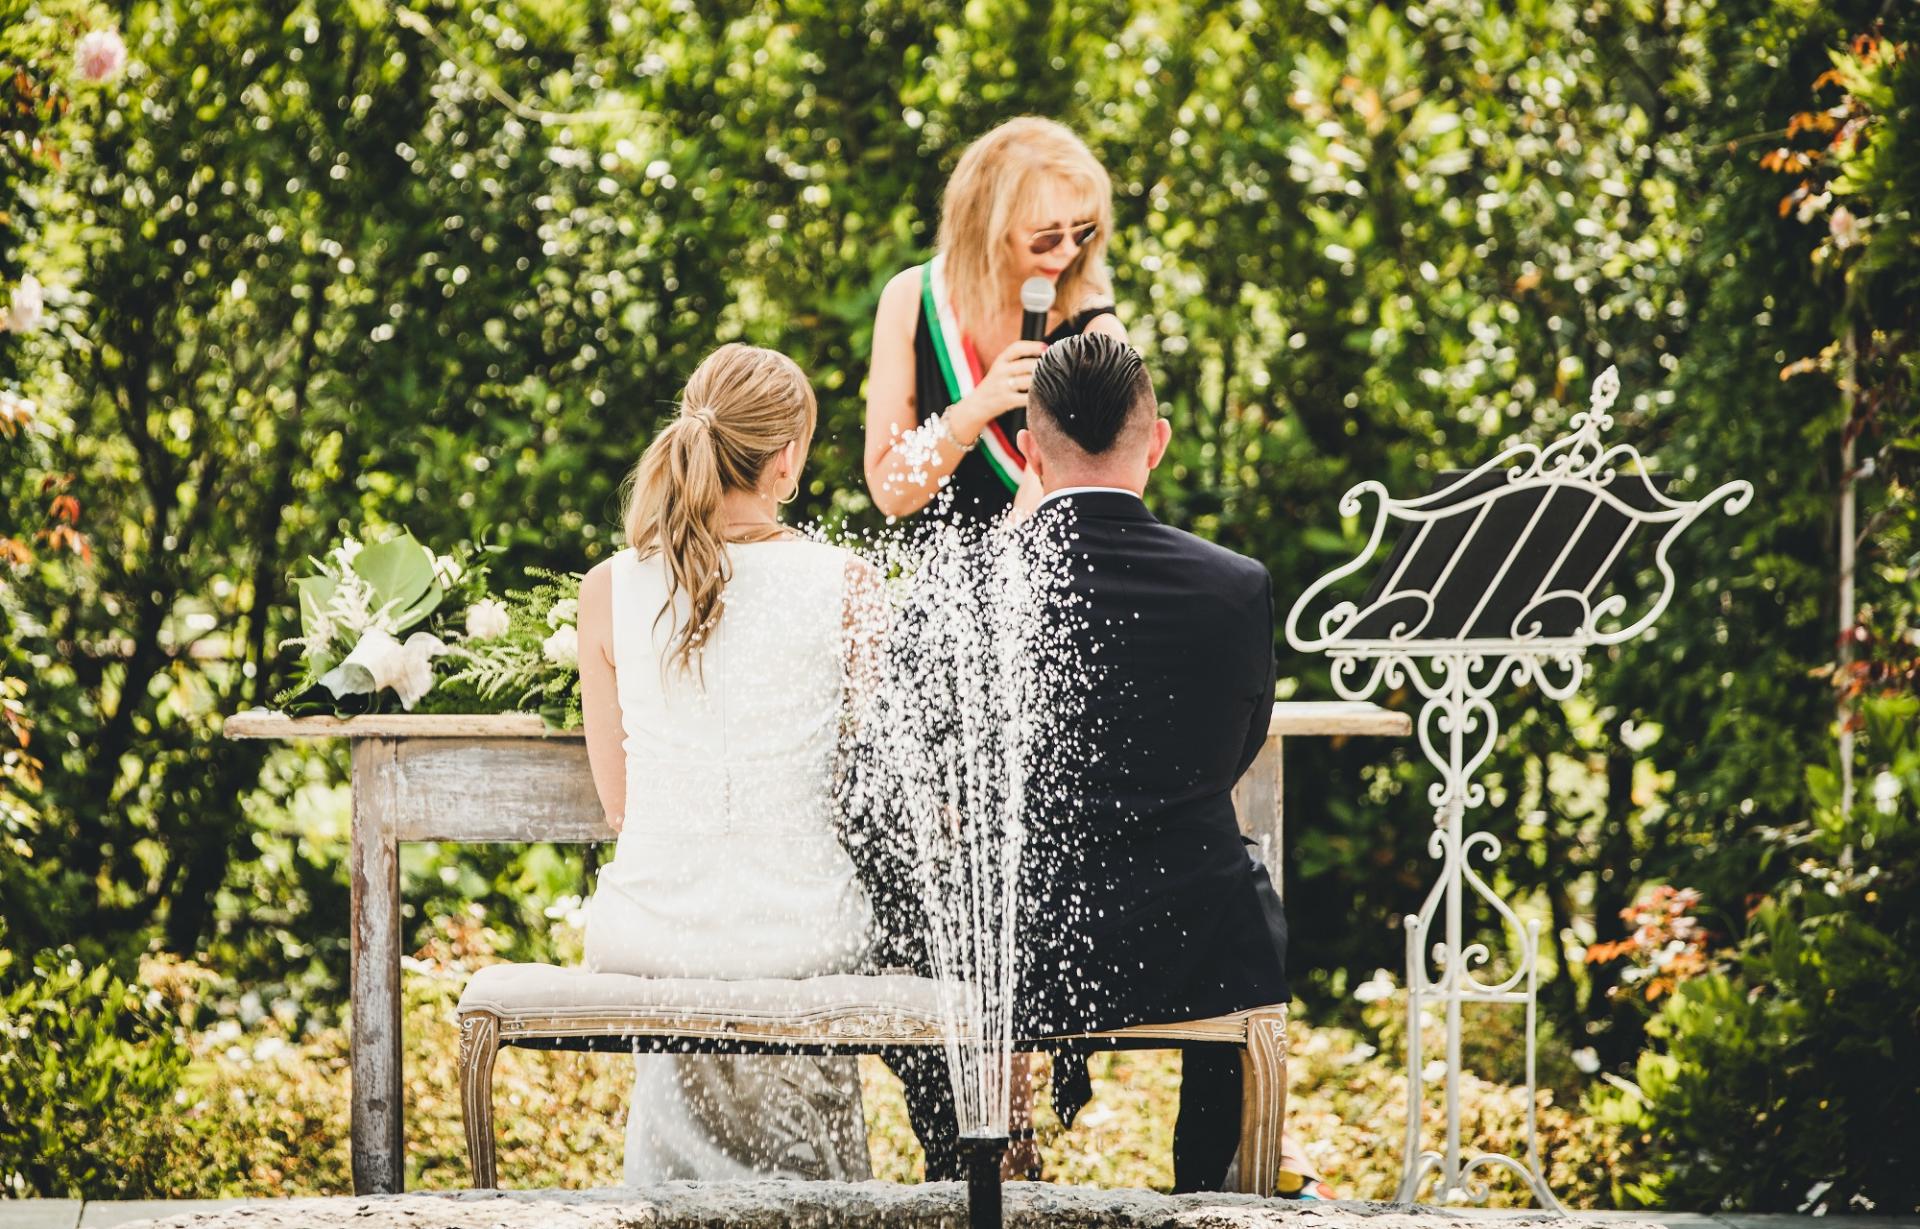 Trebaseleghe, Padua, Italië Buitenshuis schakingfotografie | Tijdens de burgerlijke plechtigheid zitten de bruid en bruidegom samen op een bankje